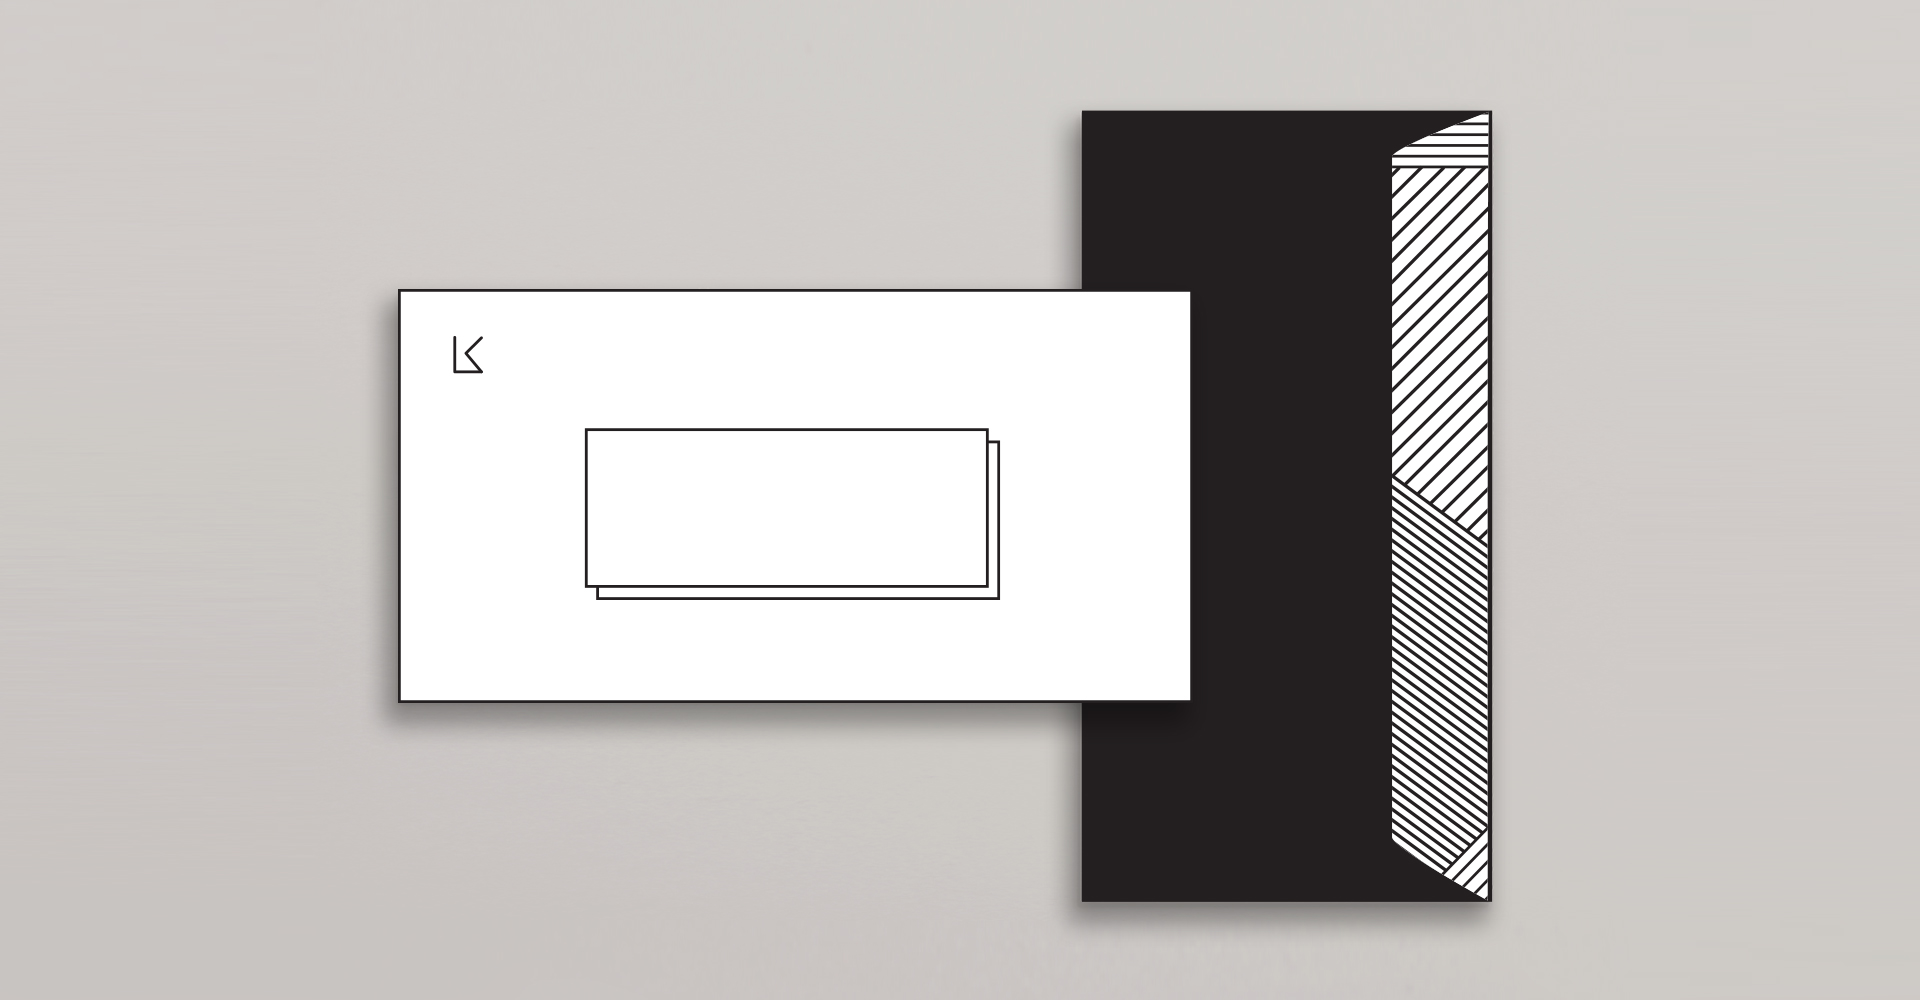 lk_envelope_2-copy.jpg